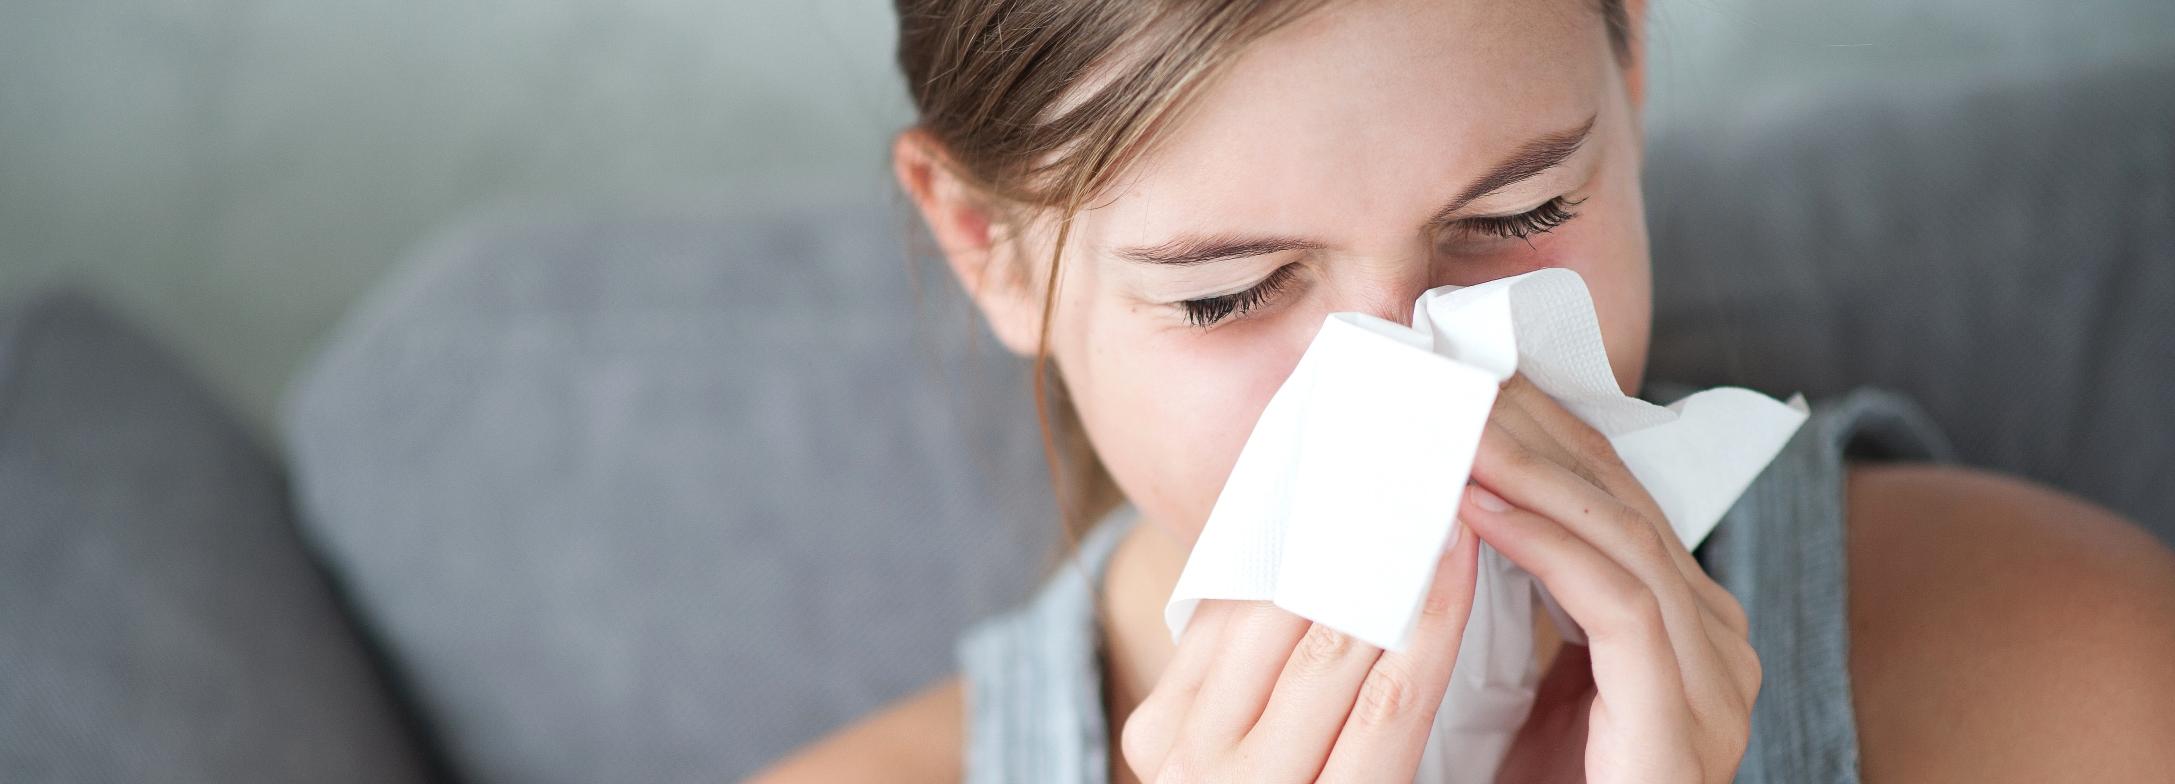 a girl having flu